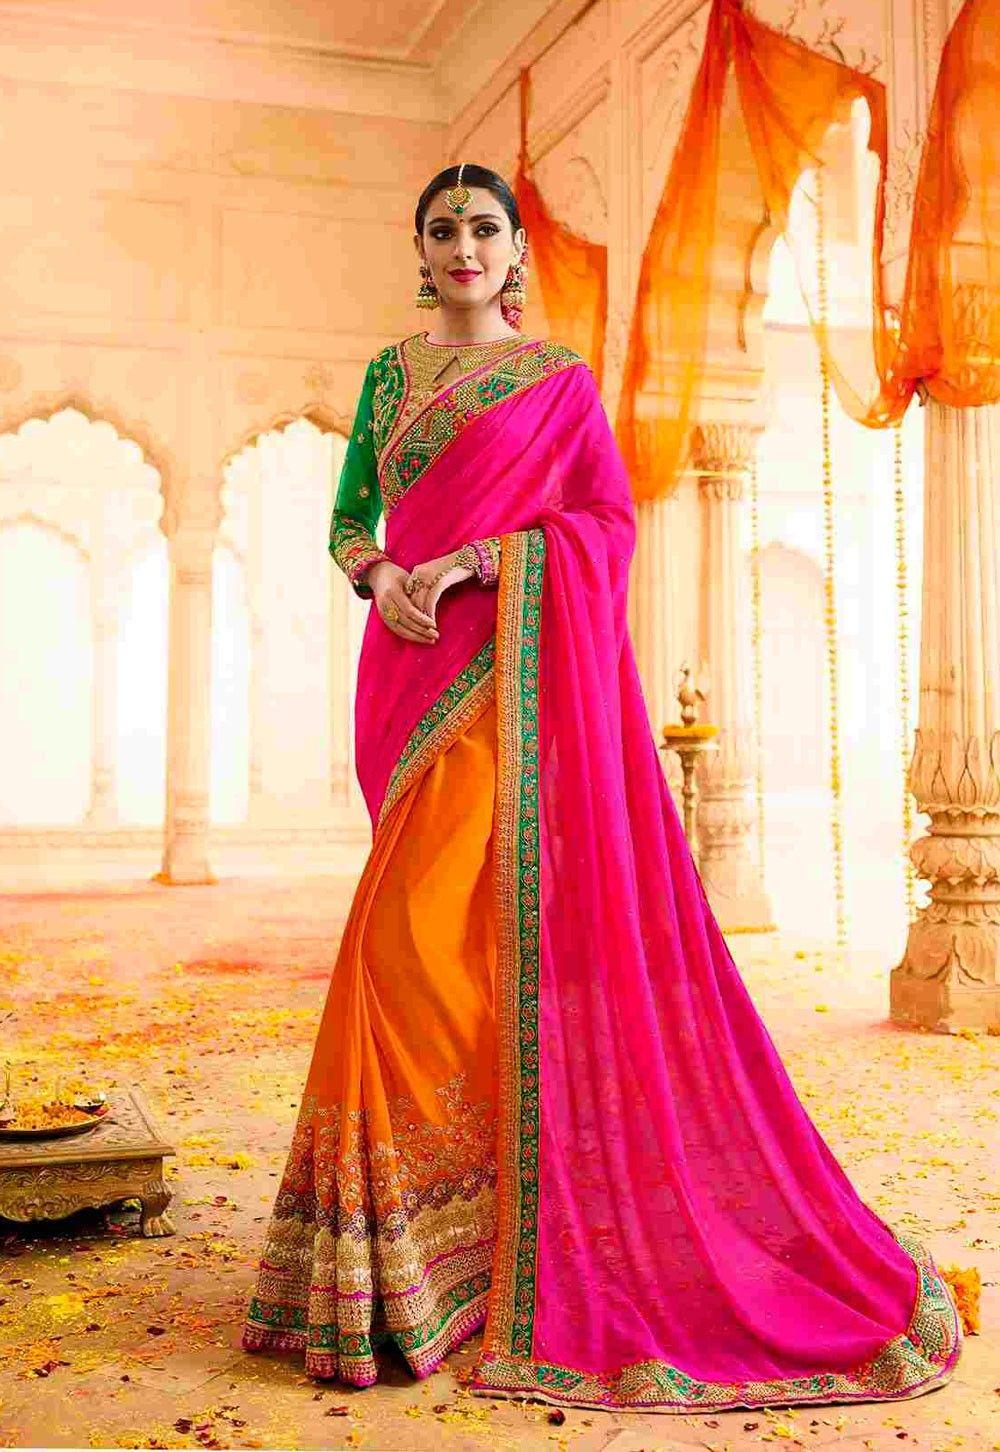 d8a4f5a2c7e3e gujarati saree store online PURE CHIFFON WEDDING WEAR INDIAN HEAVY  EMBROIDERED DESIGNER WORK SARE